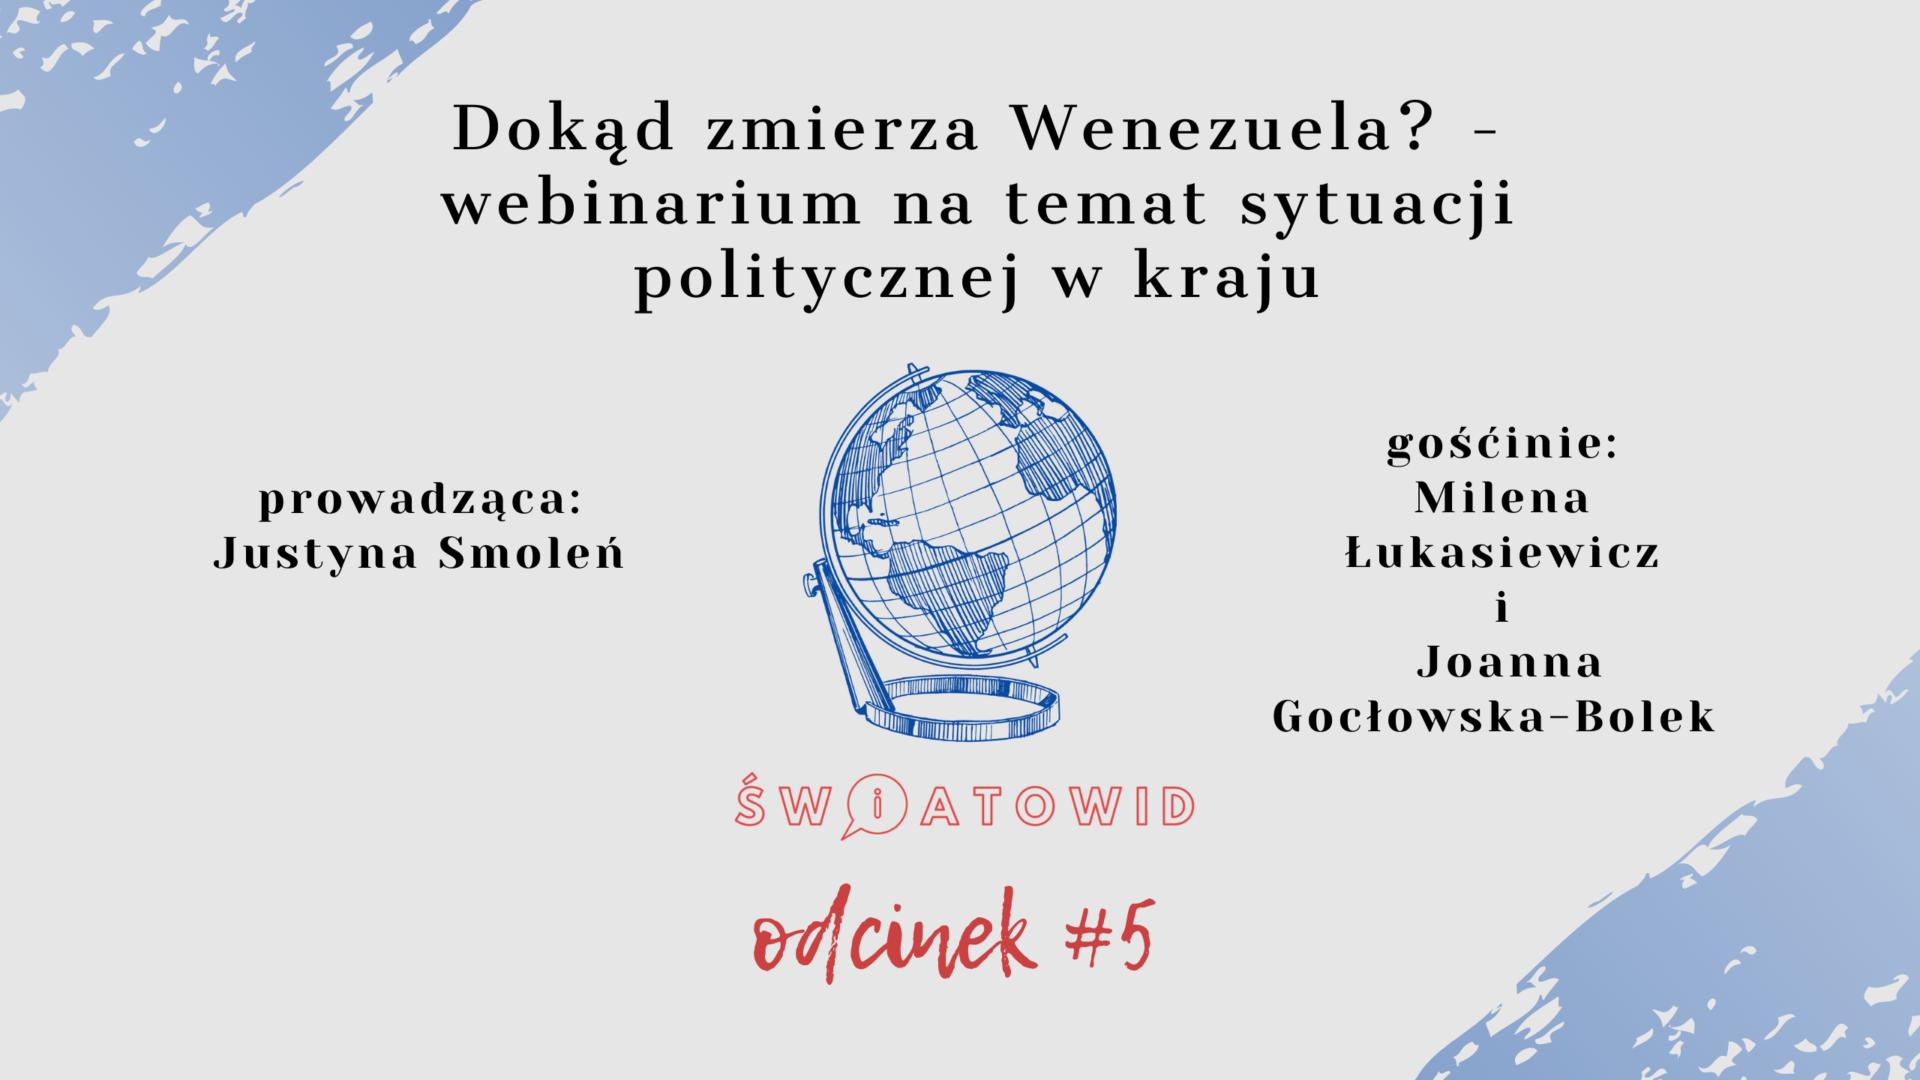 Światowid_odc.5